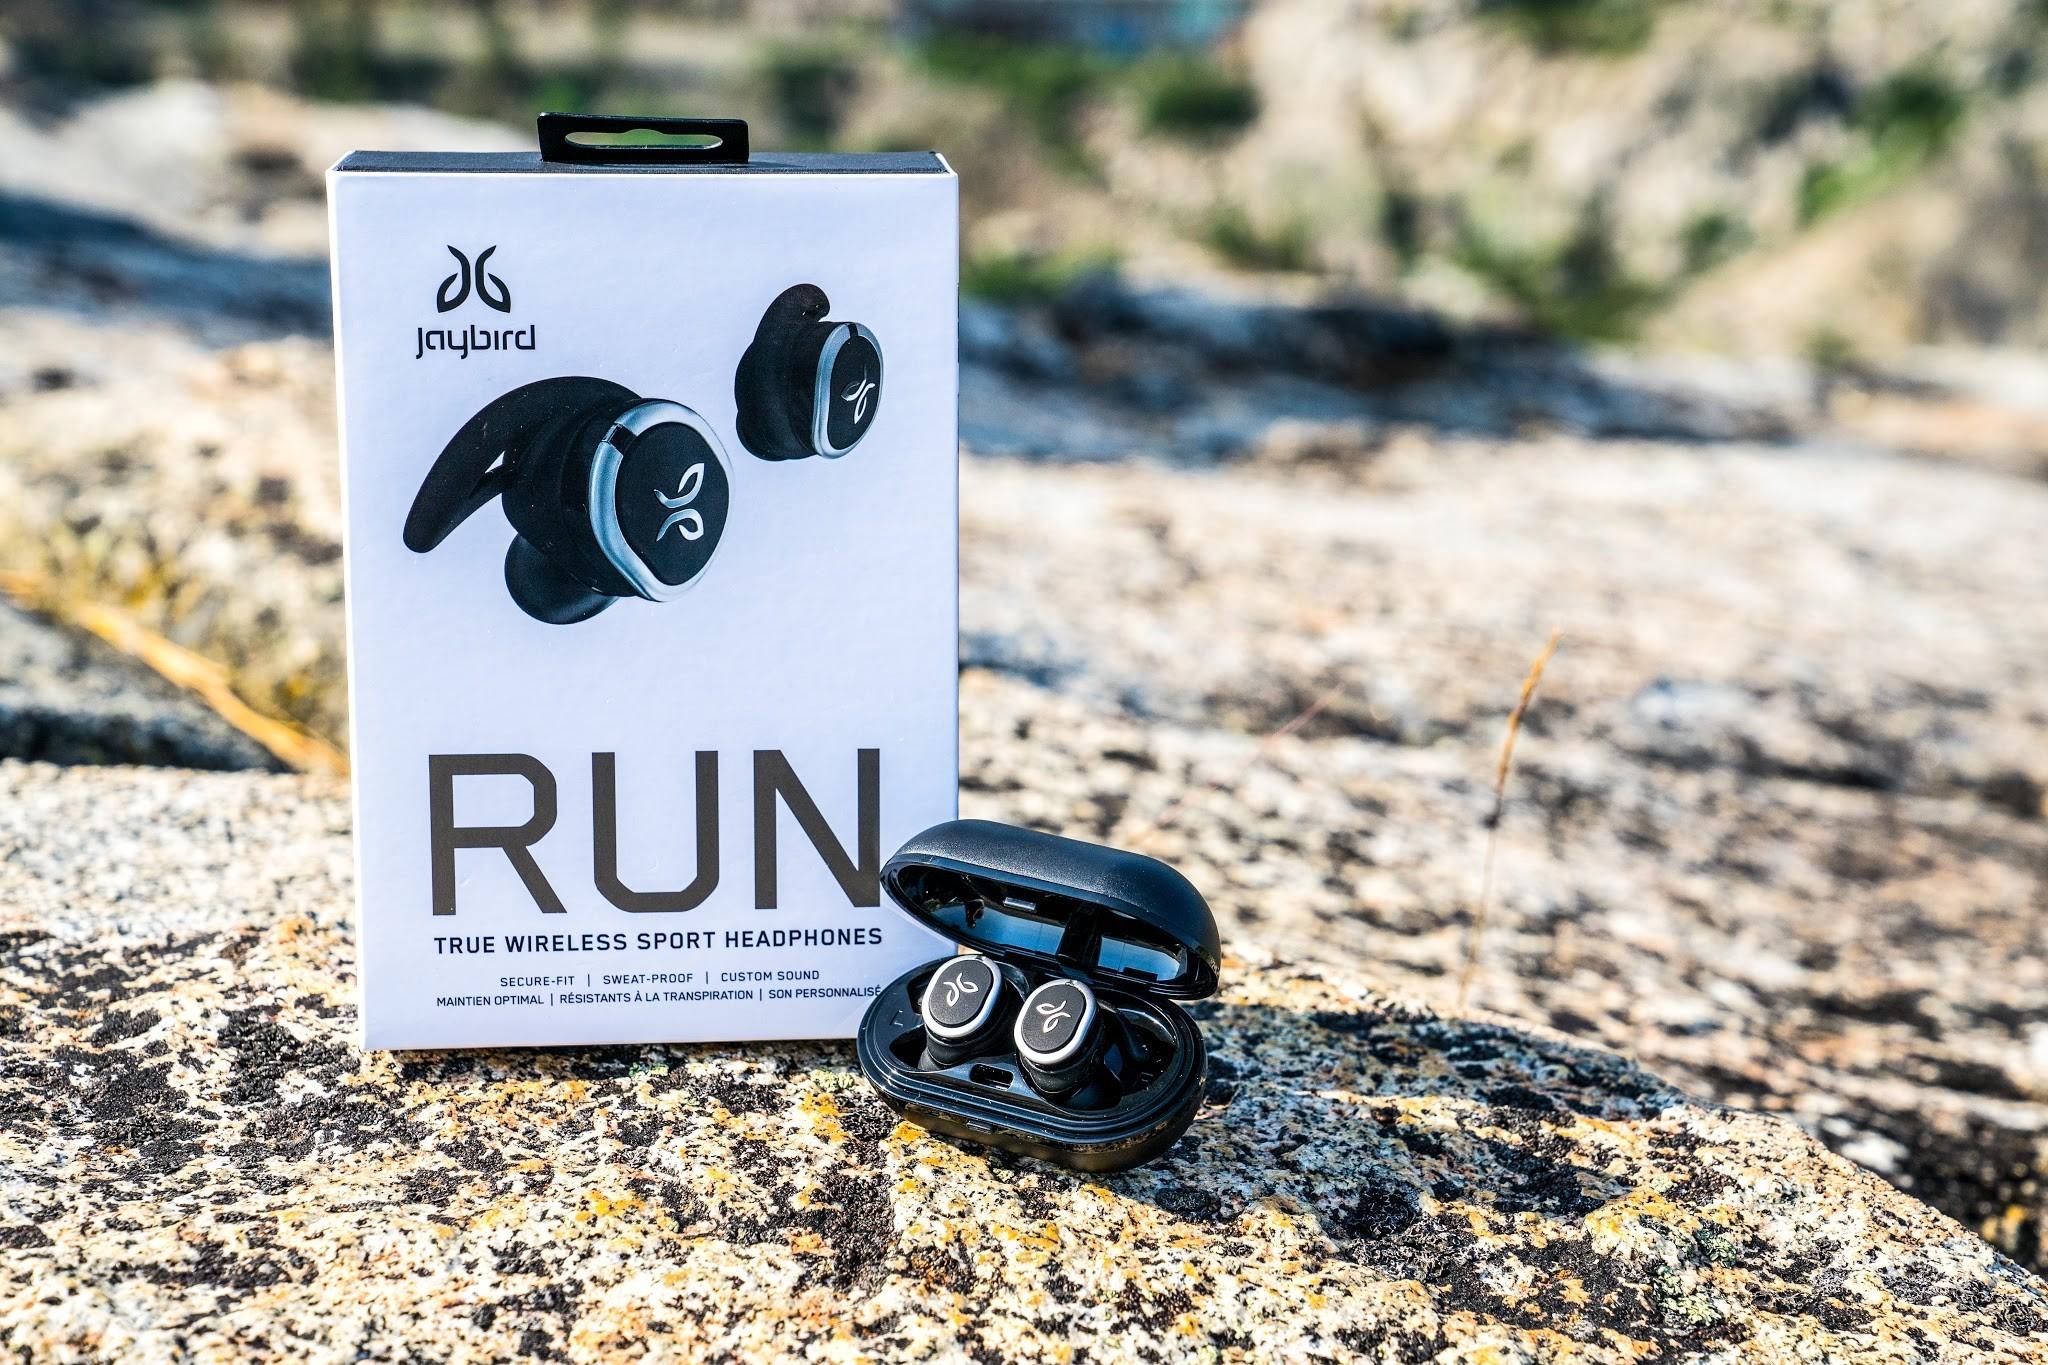 Correr é bem mais legal sem fios (Foto: Divulgação)